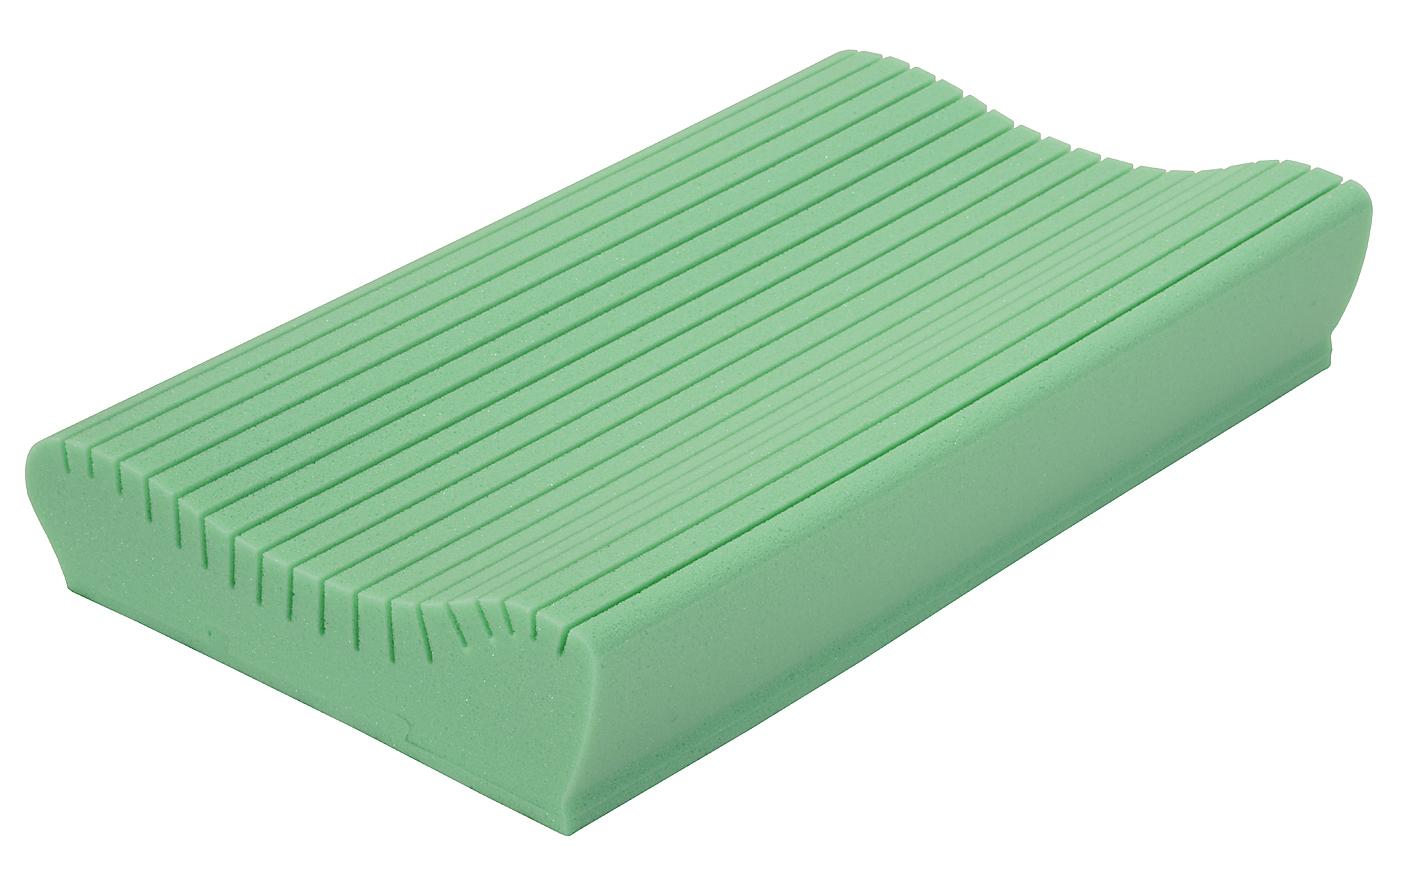 cervinorm hrc protect hws nackenkissen. Black Bedroom Furniture Sets. Home Design Ideas